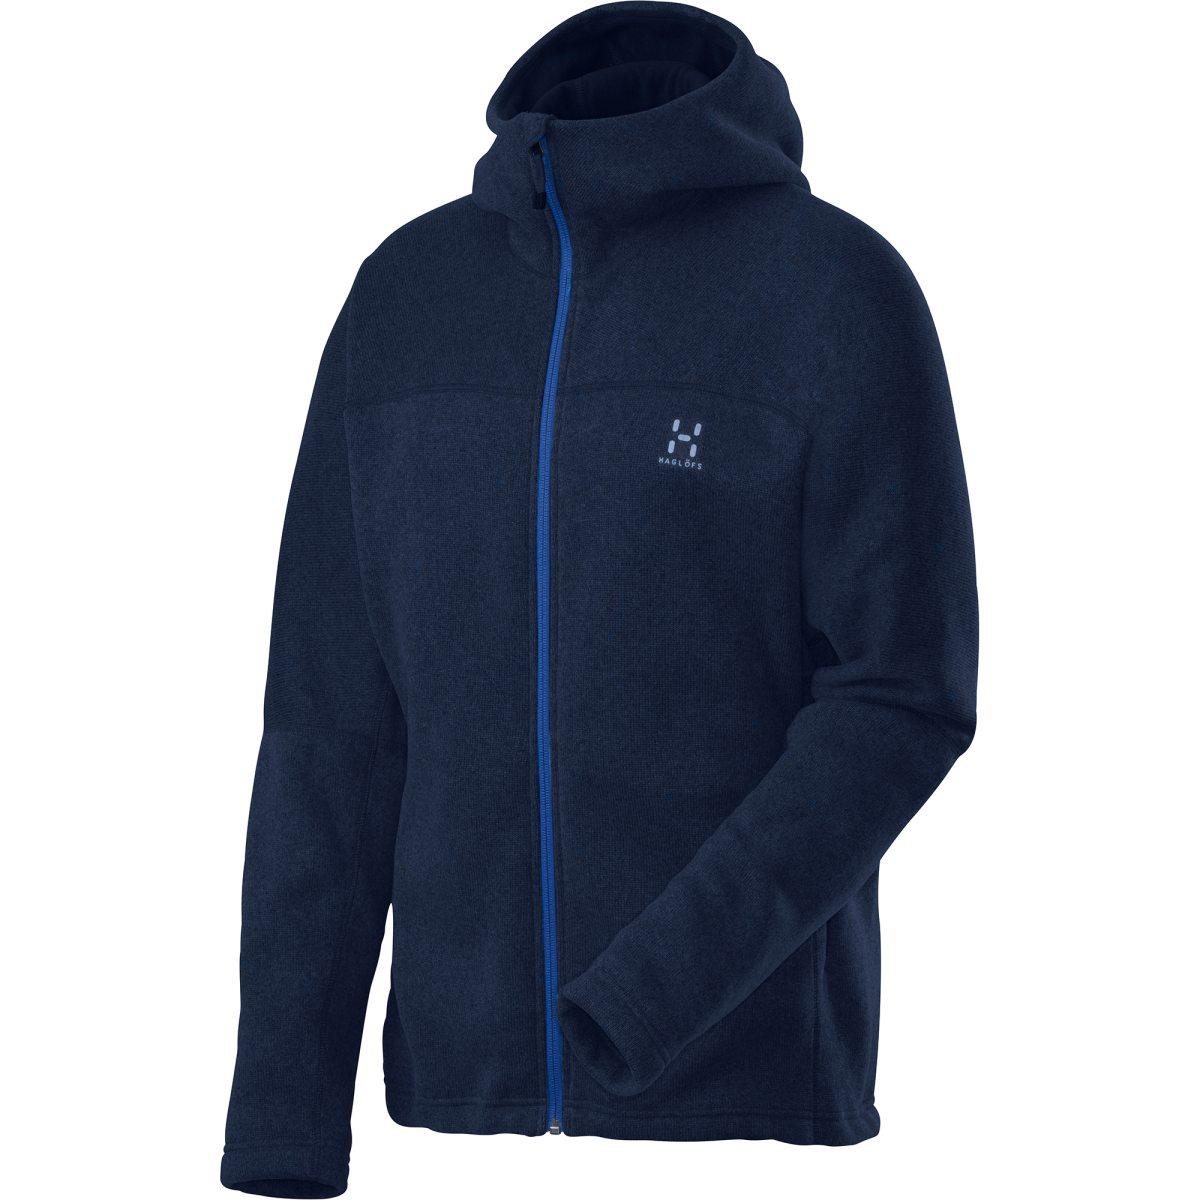 e553943f arbeidsjakke blåkläder strikket jakke herre gråmelerad jakker ...